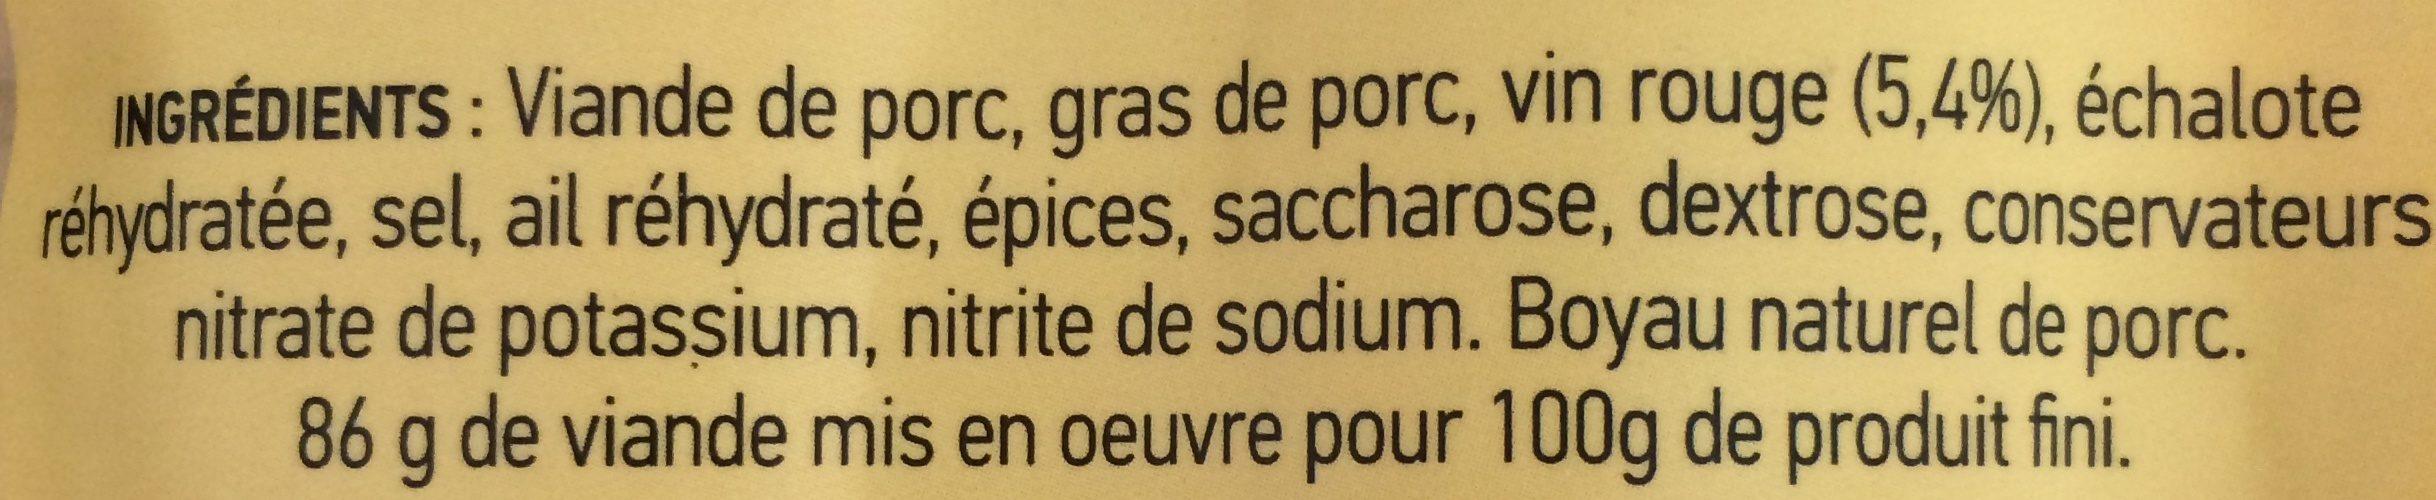 Saucisses fumées au vin - Ingredients - fr